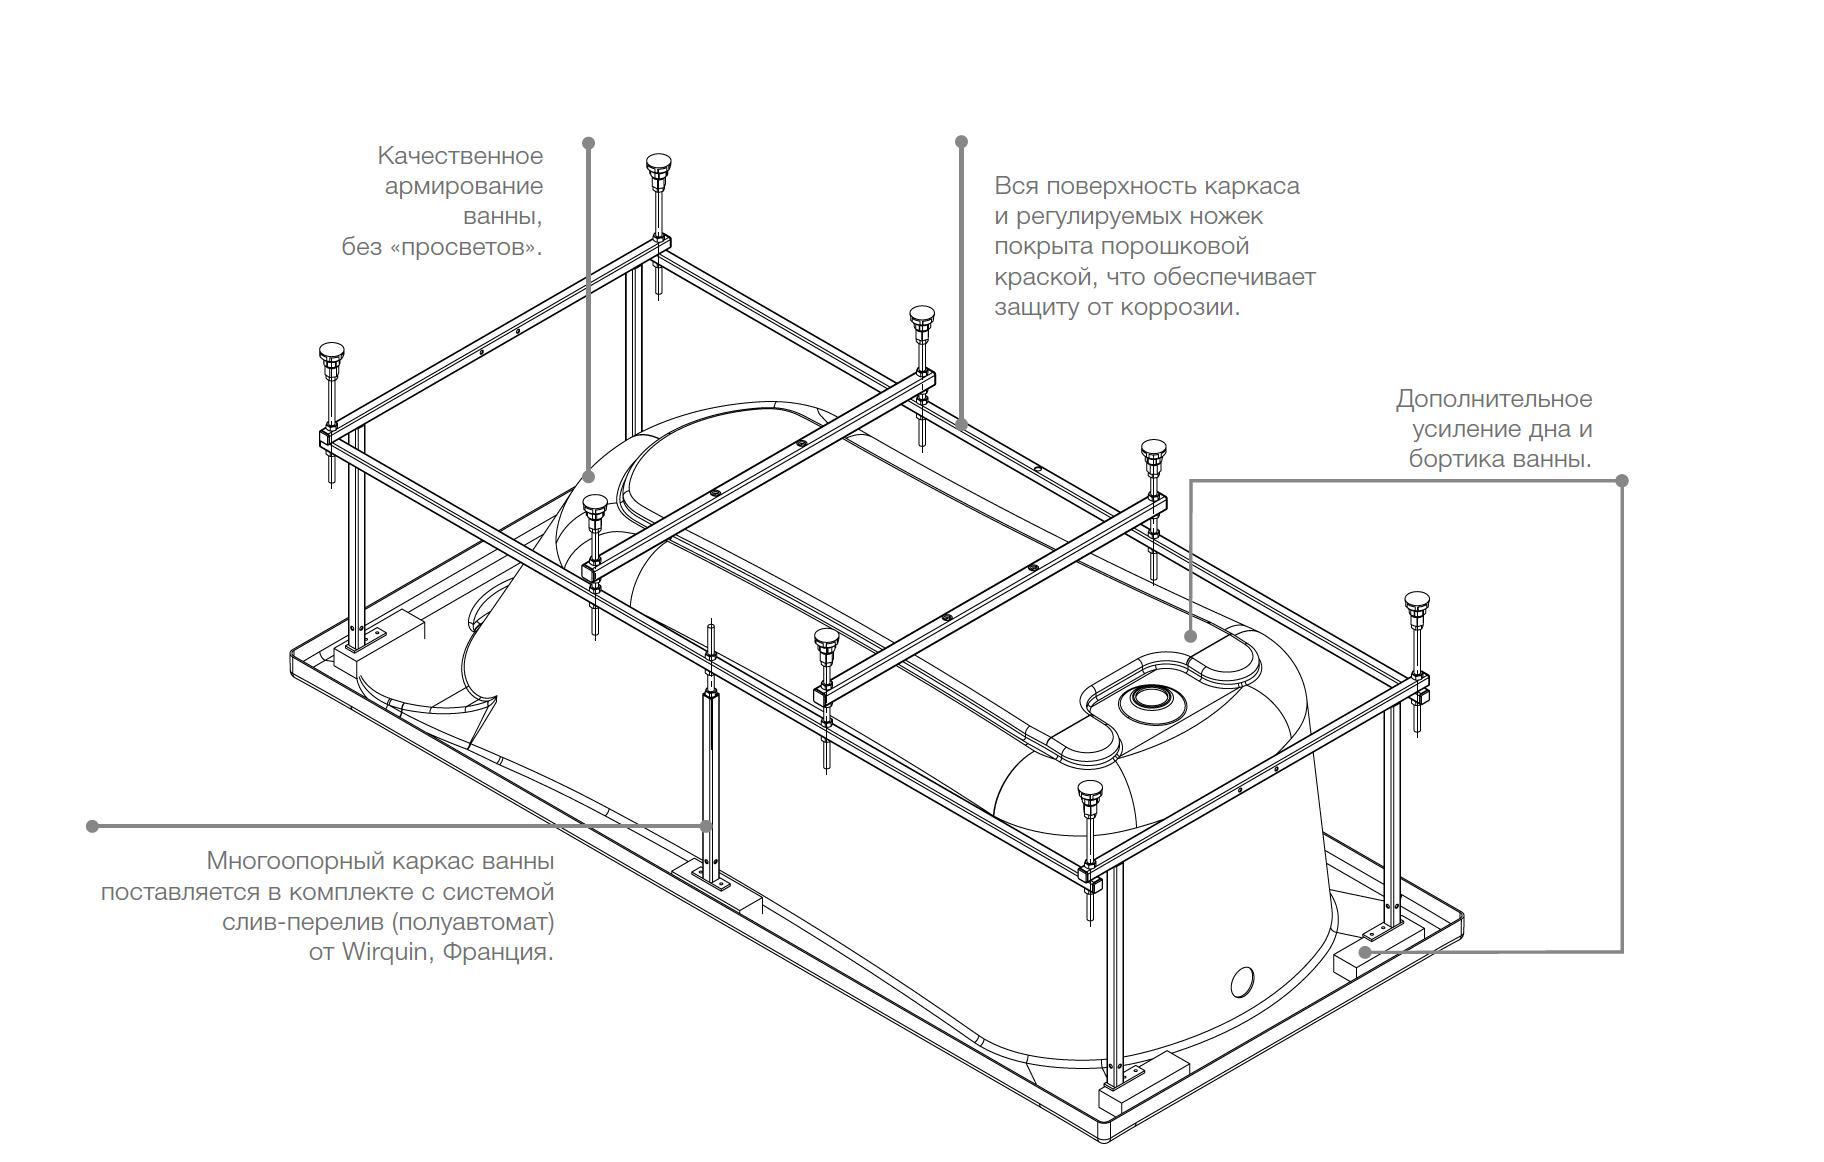 Универсальные опорные ножки для стальной ванны - установка и крепление комплекта